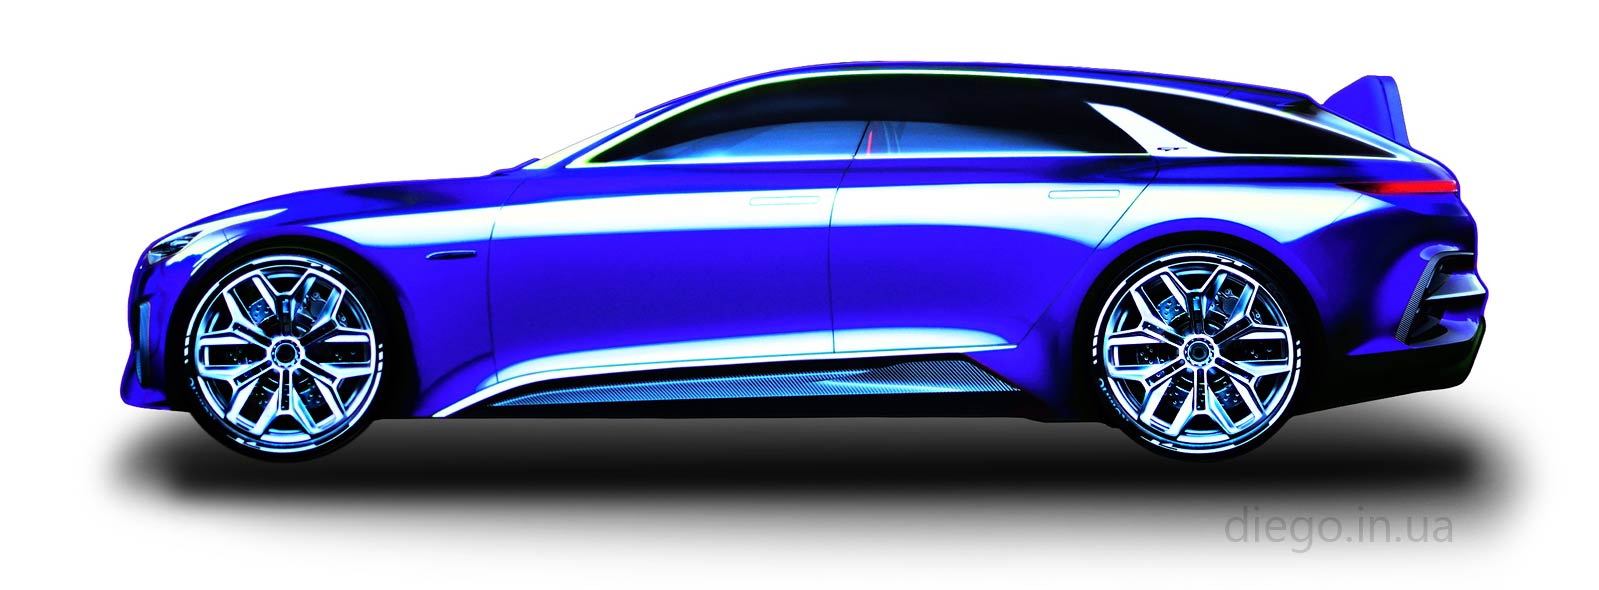 Кровать машина Universal GT синего цвета